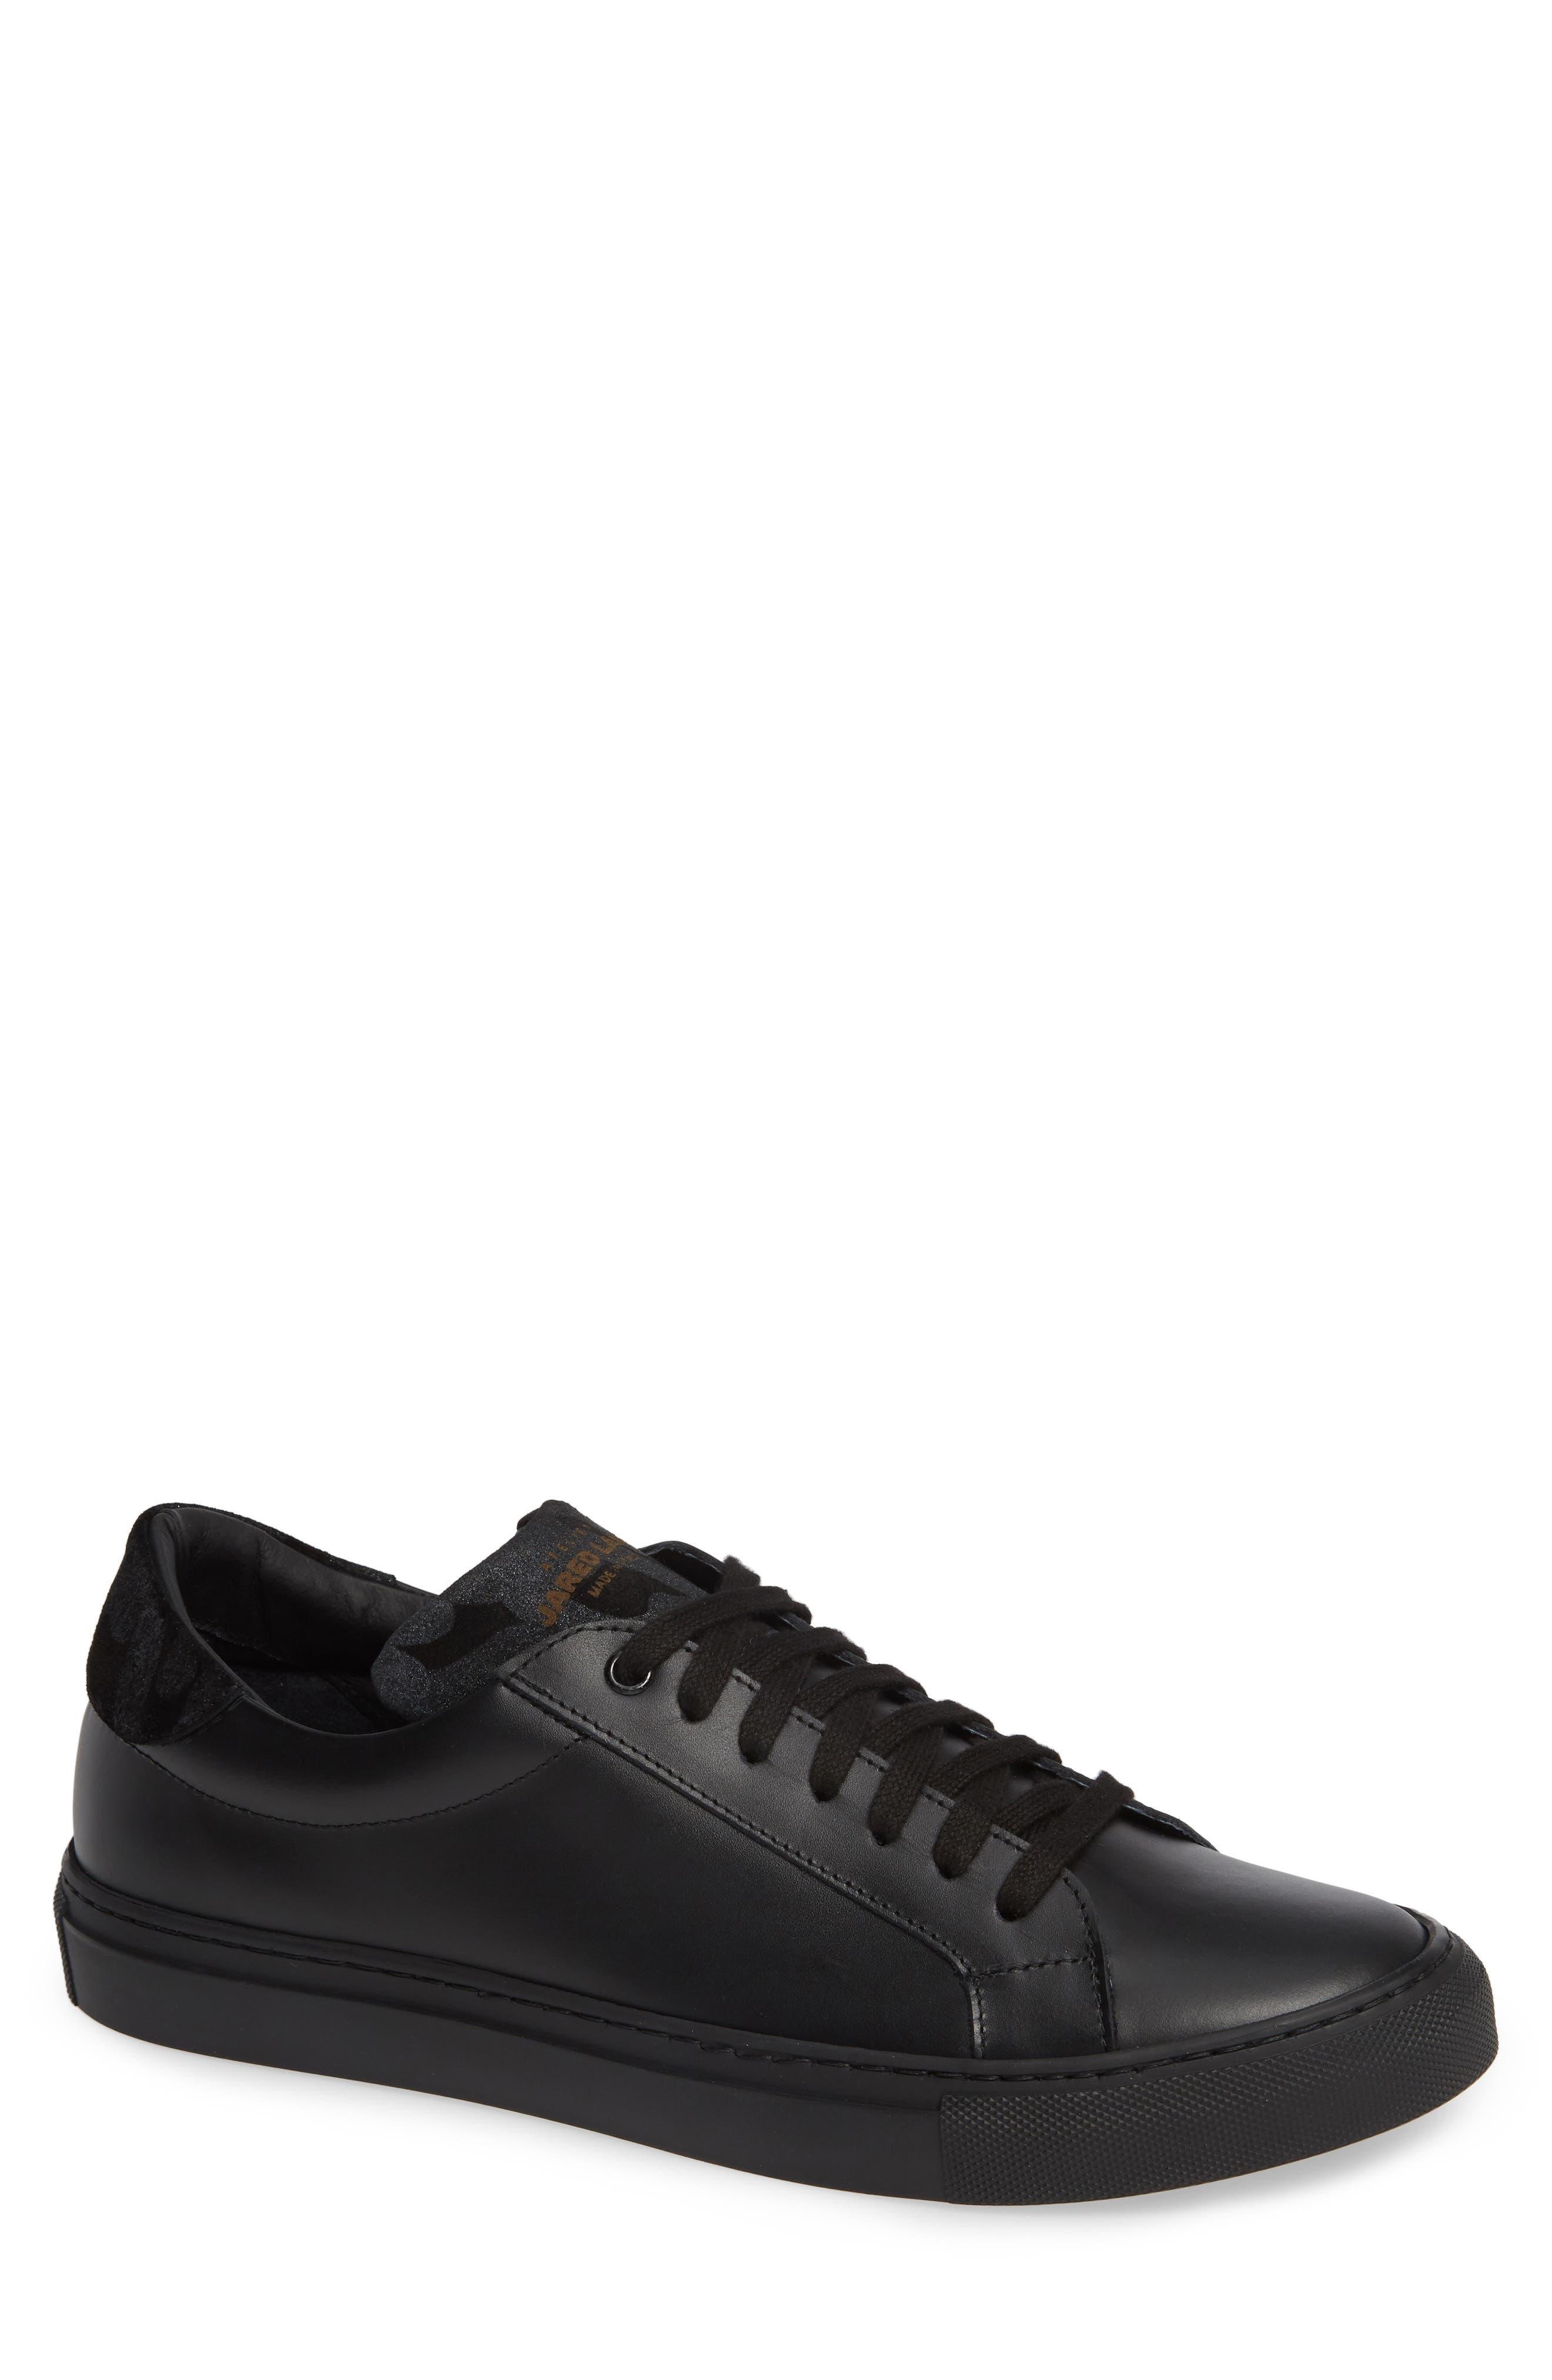 JARED LANG Rome Sneaker, Main, color, BLACK